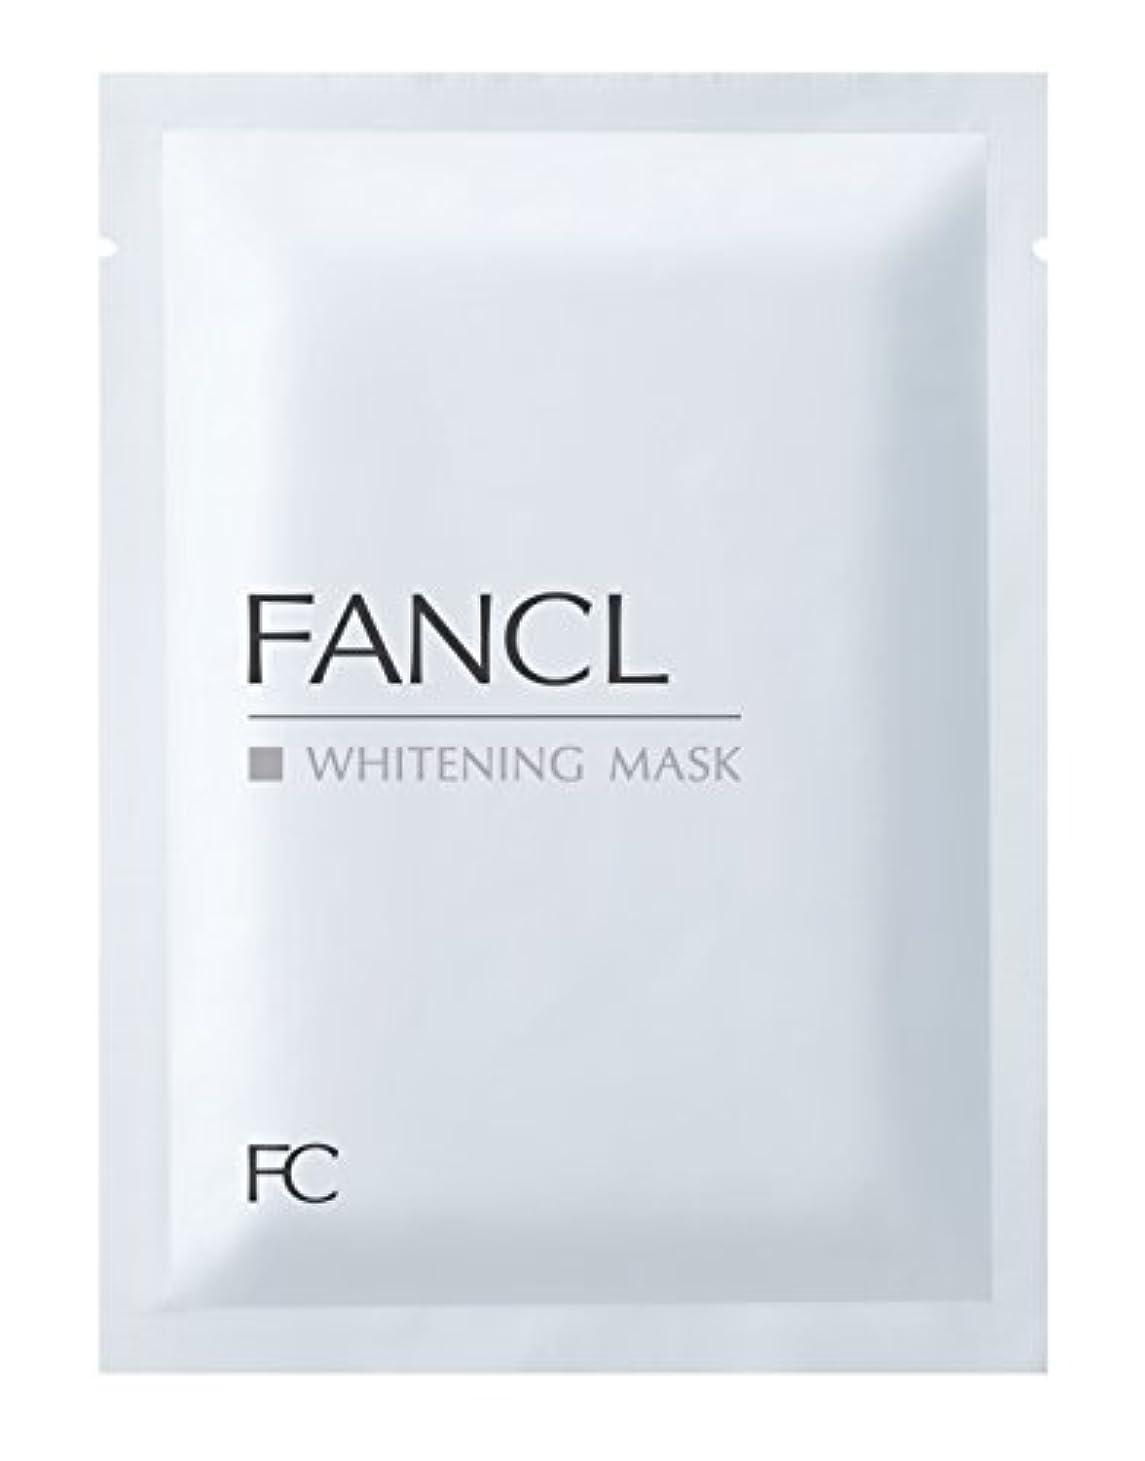 テレビバンク機関車(旧)ファンケル(FANCL) ホワイトニング マスク<医薬部外品> 21mL×6枚 [並行輸入品]